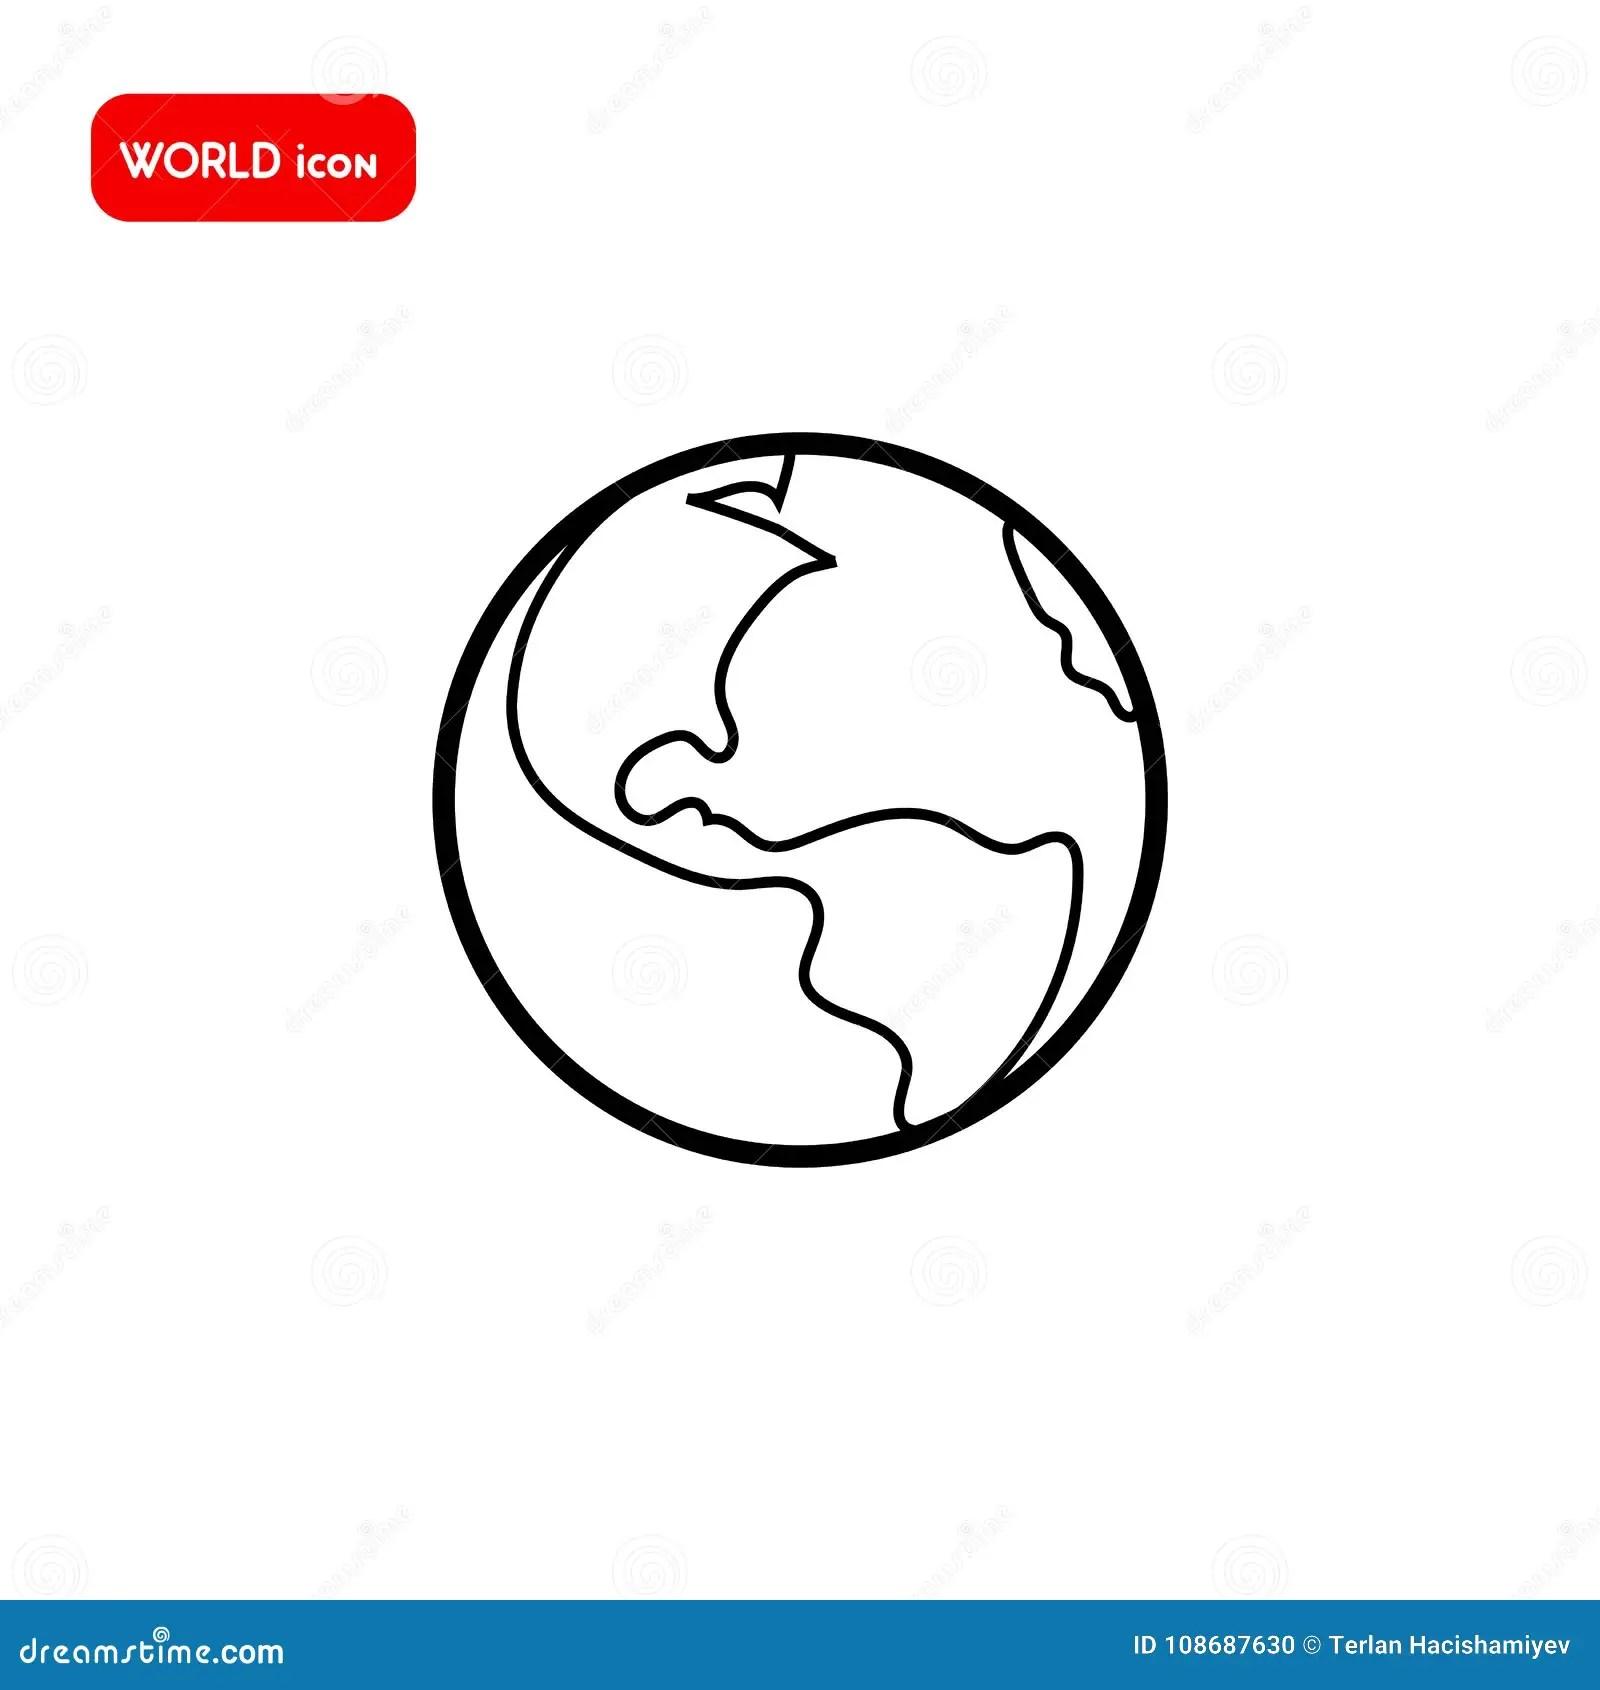 Save The World Sketch Idea Concept Vector Vector